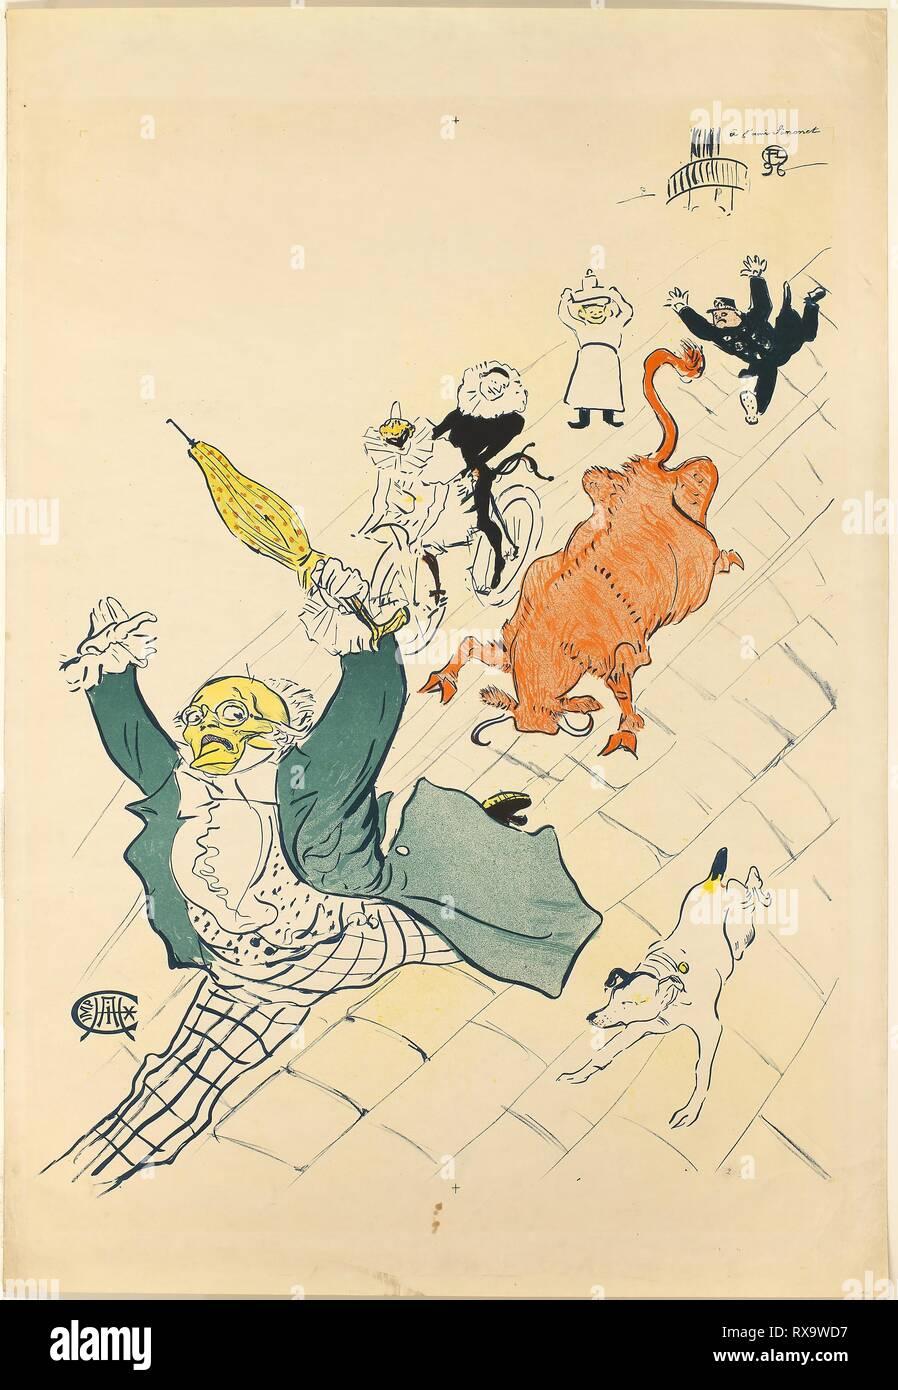 La vache enragée. Henri de Toulouse-Lautrec; French, 1864-1901. Date: 1896. Dimensions: 798 × 598 mm (image); 950 × 652 mm (sheet). Color lithograph poster on cream wove paper. Origin: France. Museum: The Chicago Art Institute. Stock Photo